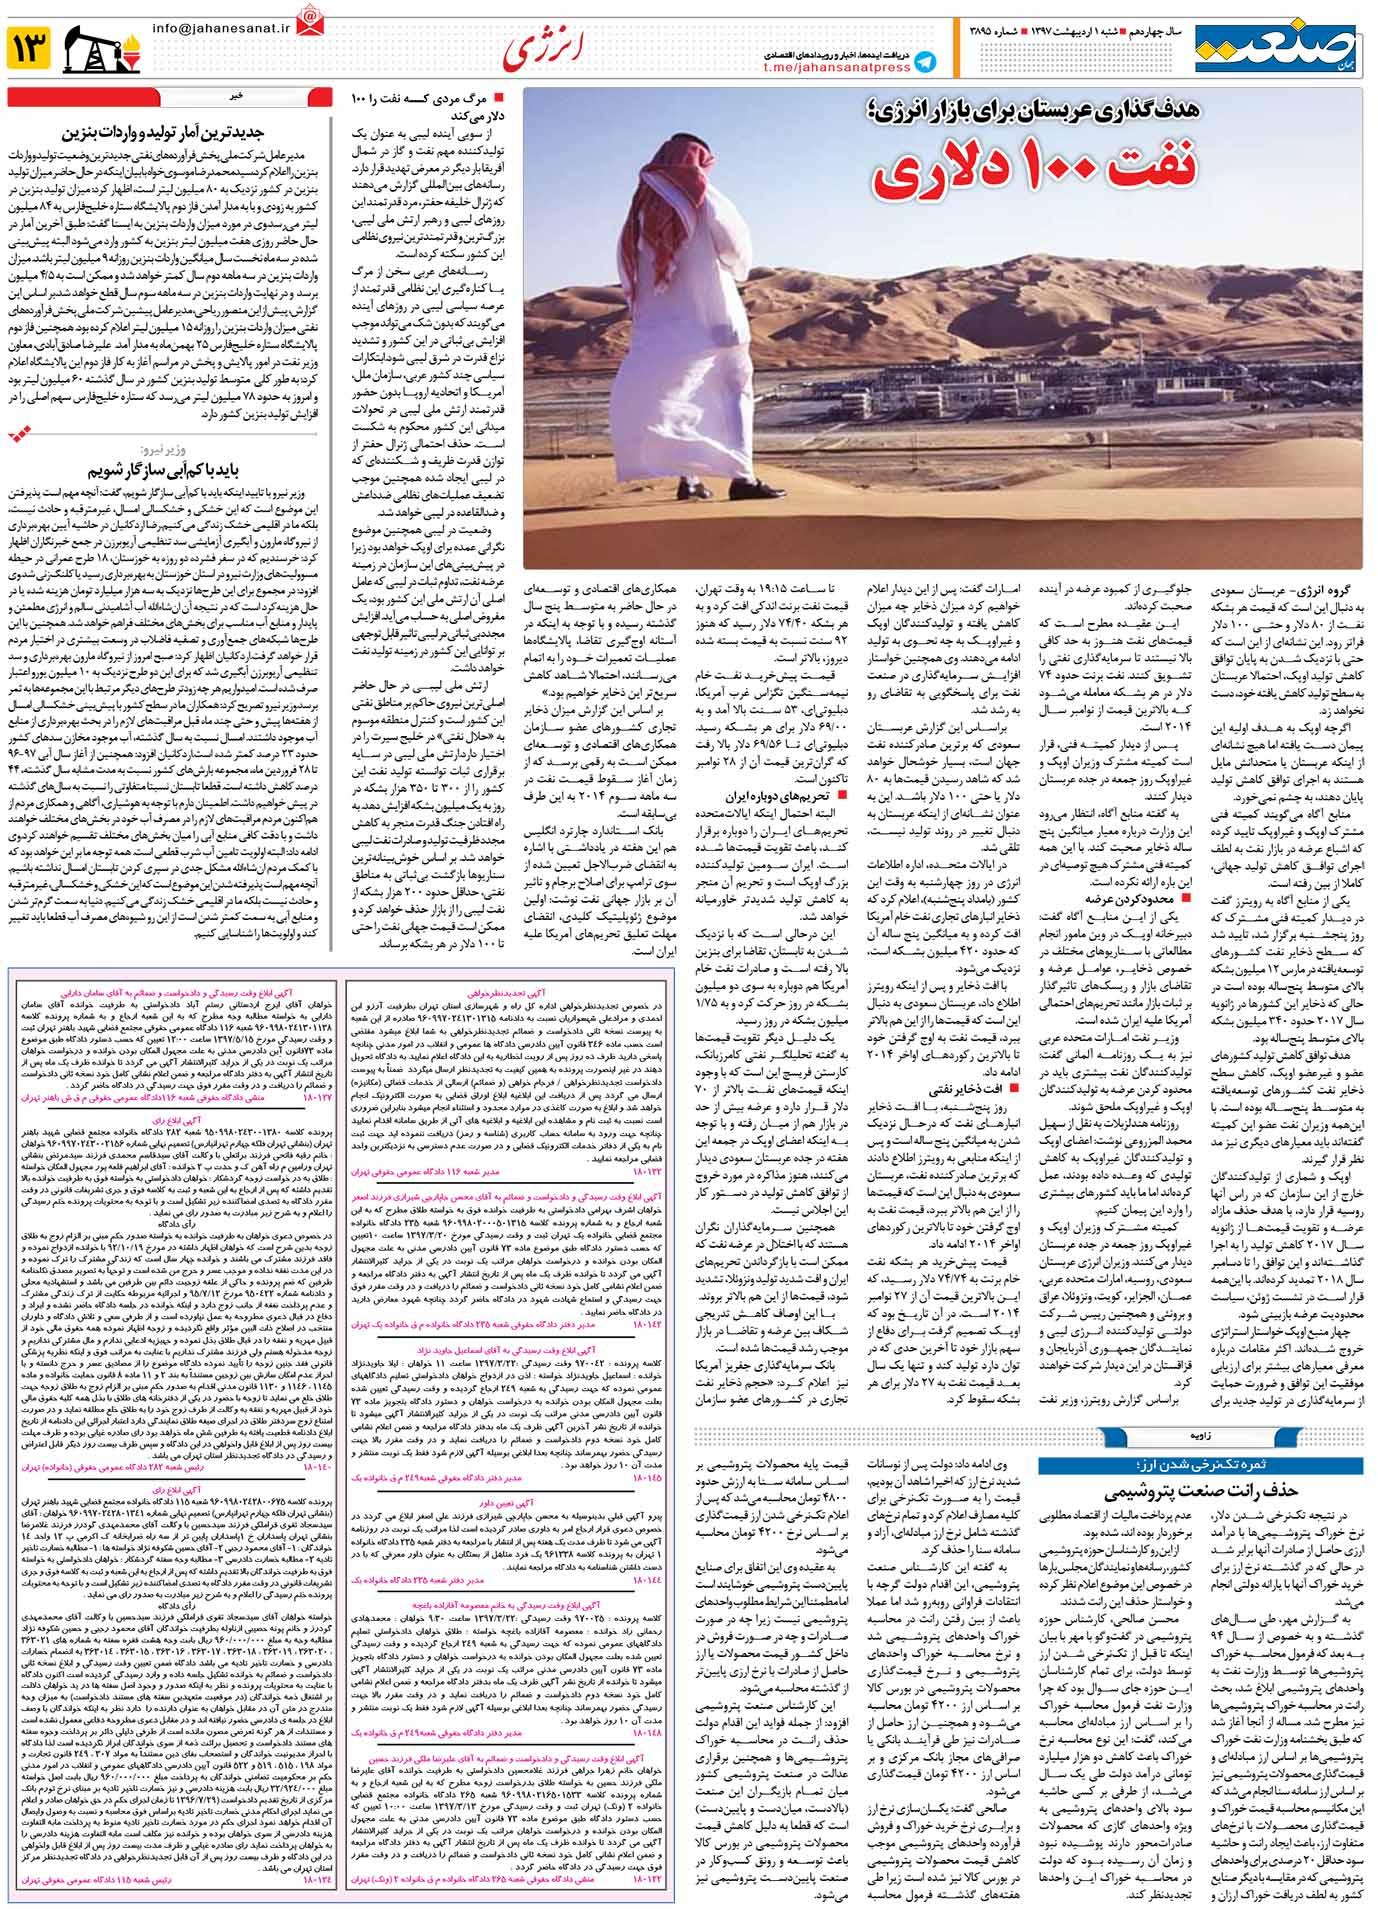 صفحه ۱۳-۱اردیبهشت۱۳۹۷